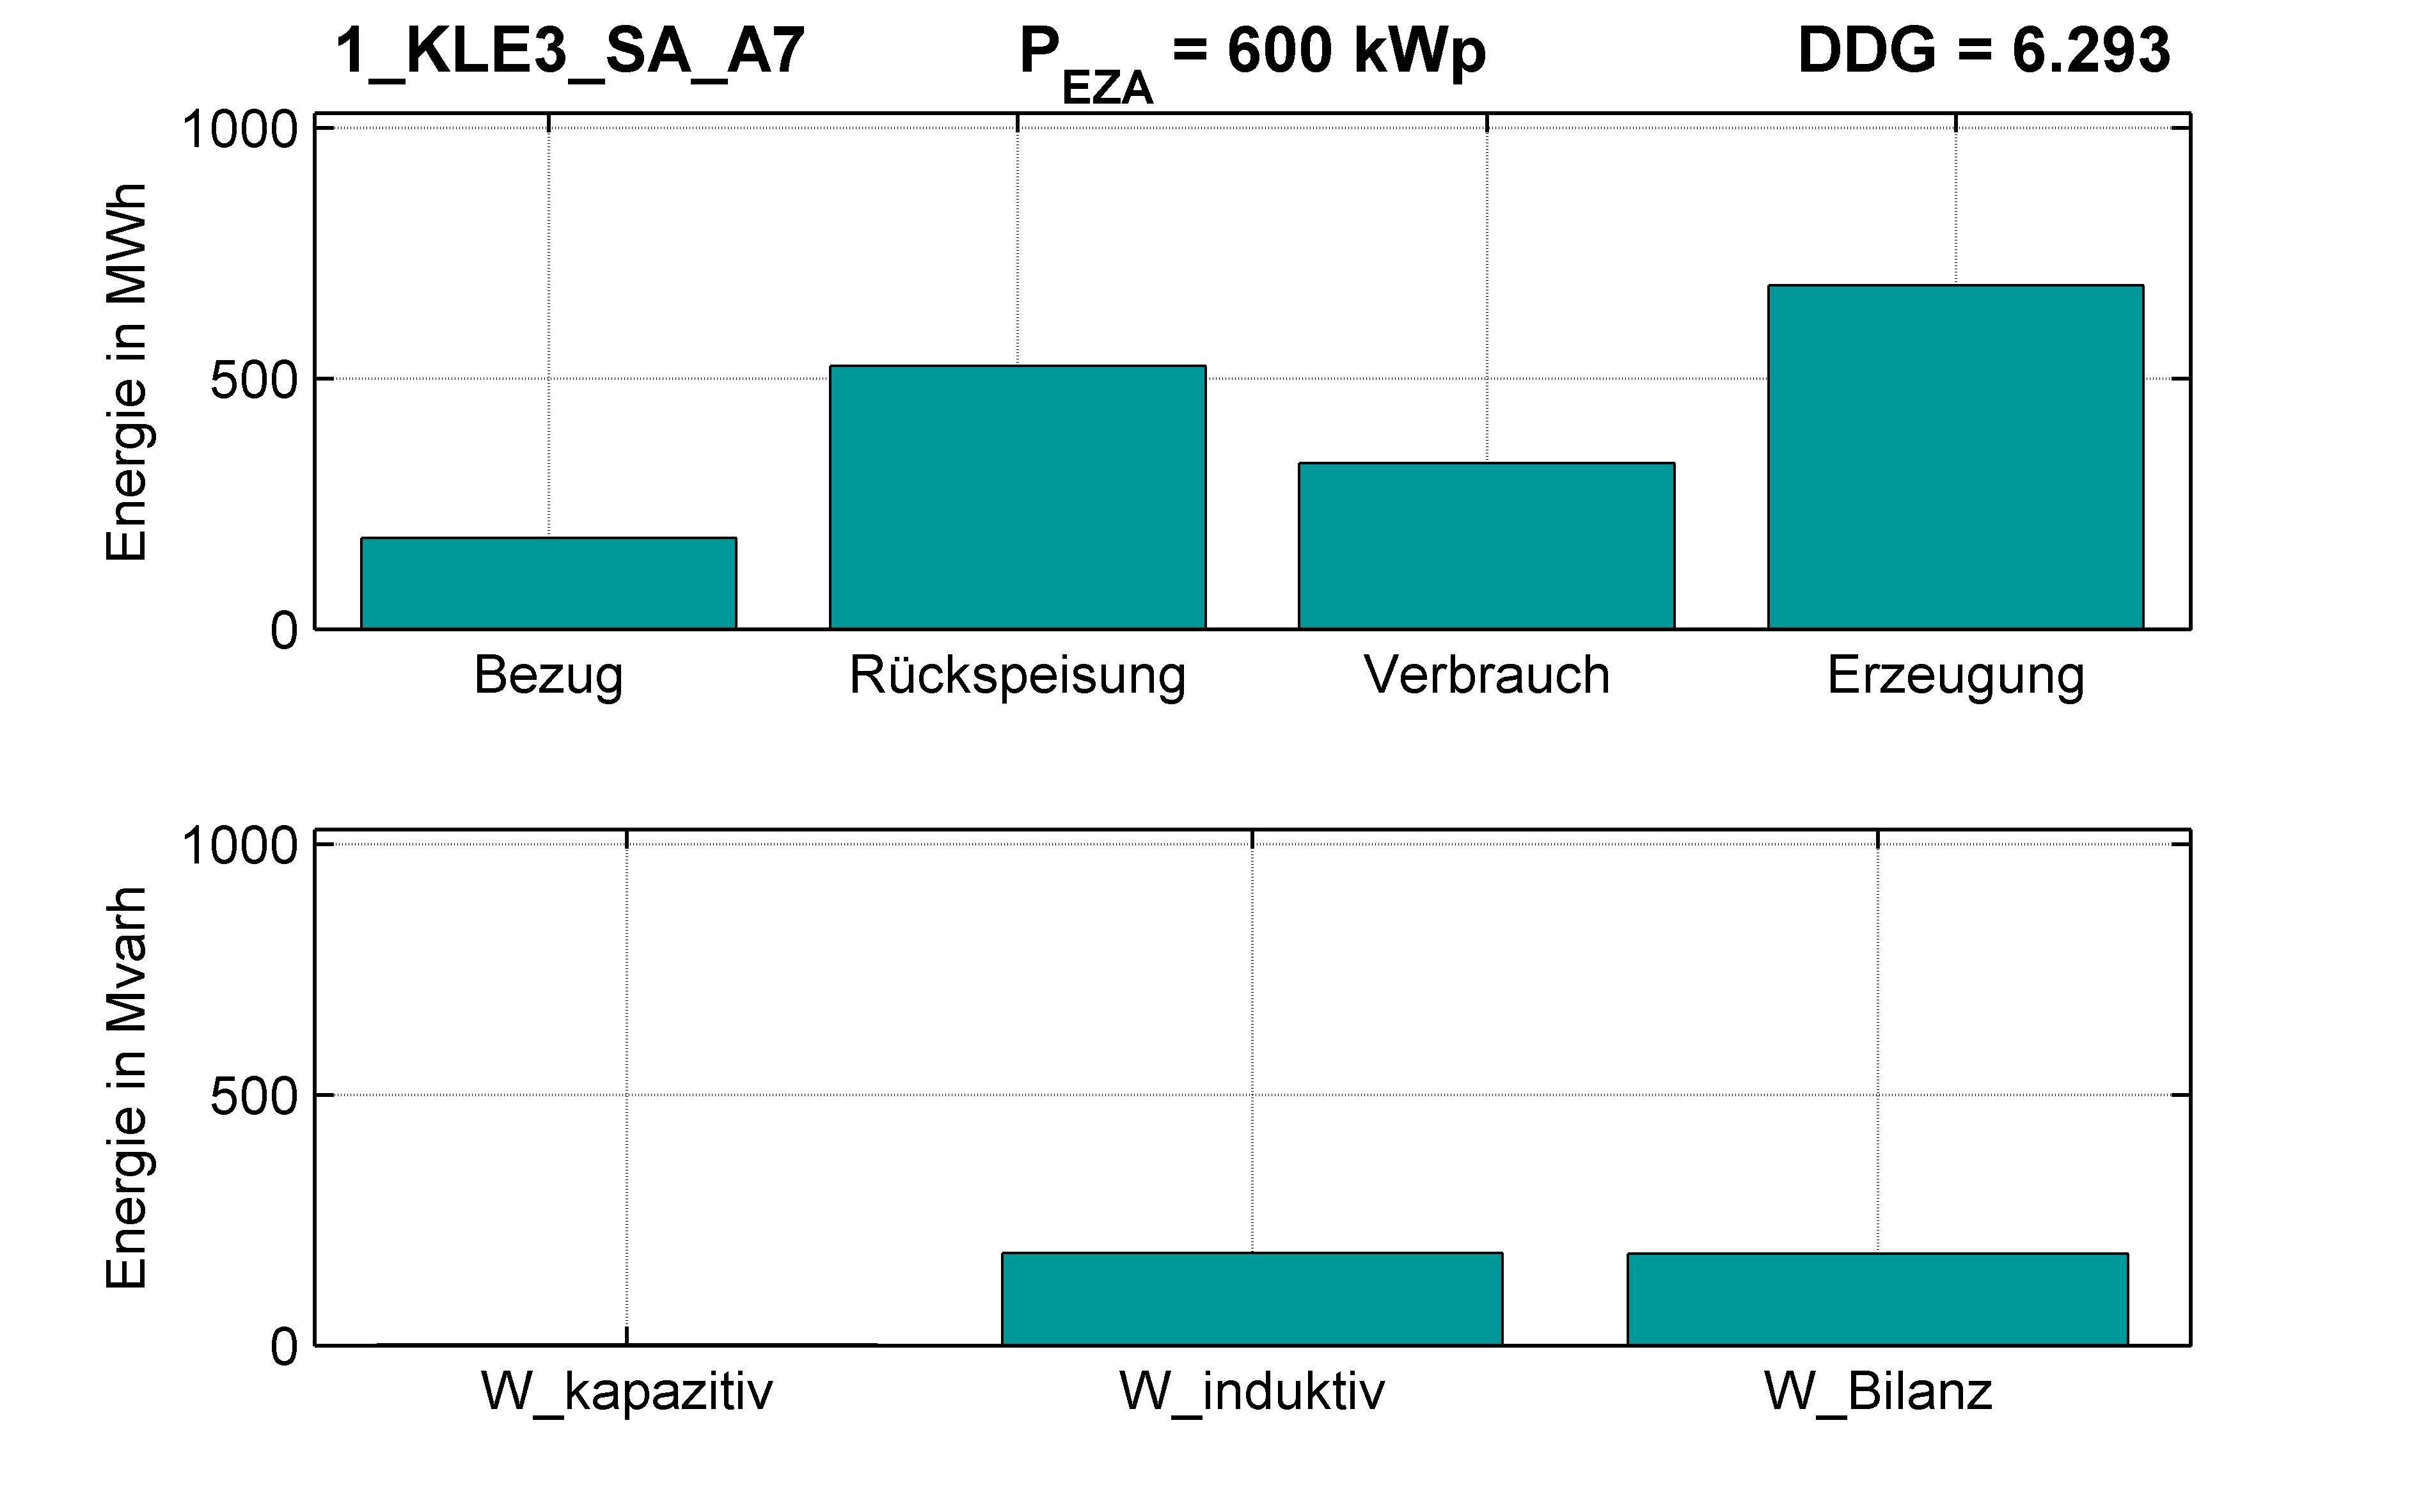 KLE3 | KABEL (SA) A7 | PQ-Bilanz